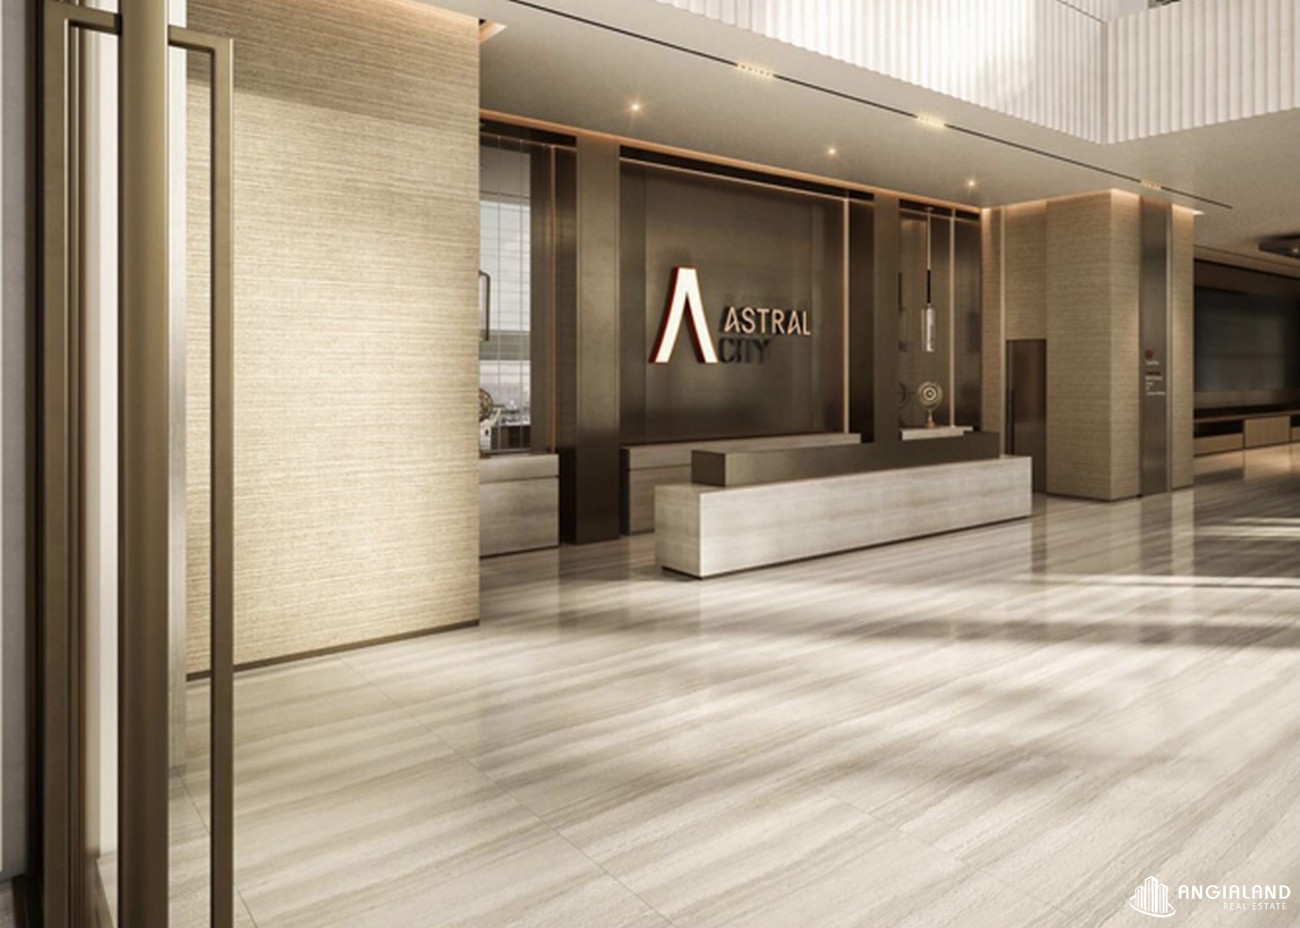 Sales Gallery 5 sao 3 triệu đô của dự án Astral City sắp được ra mắt